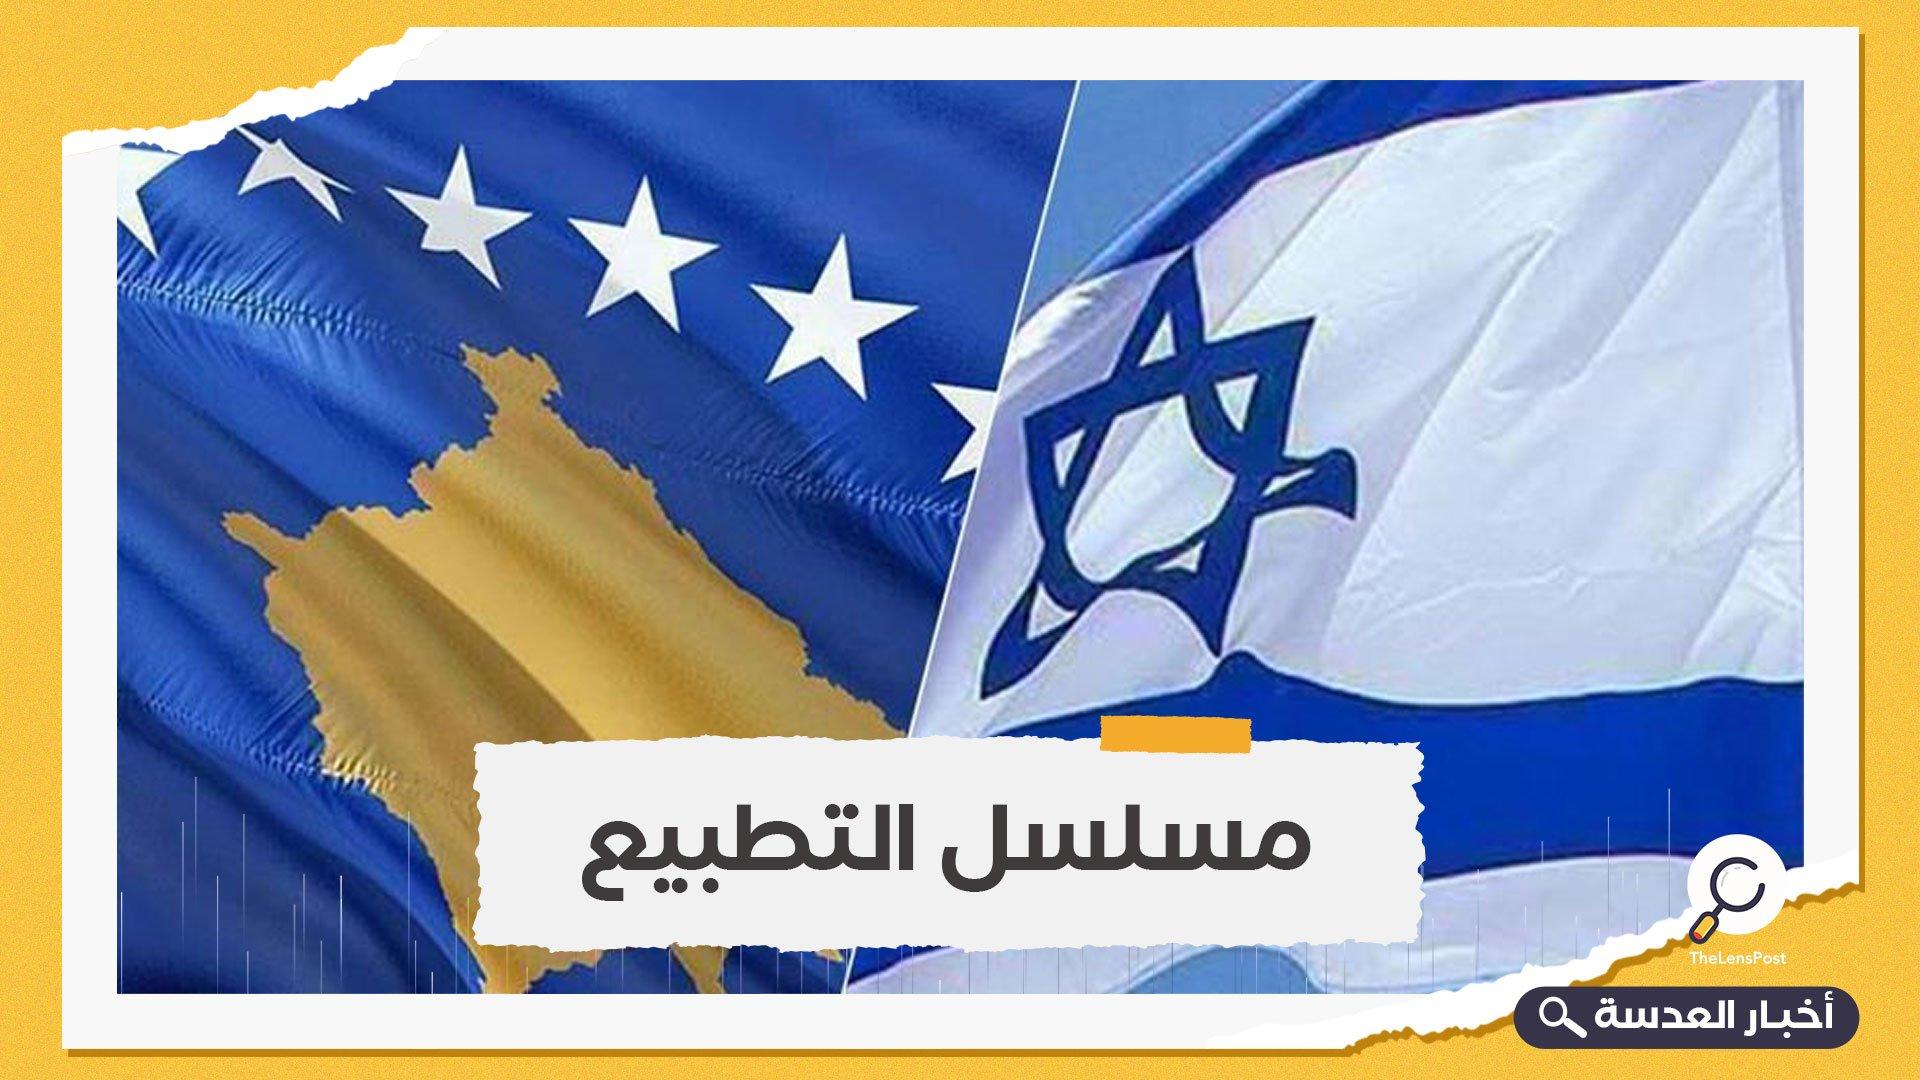 بعد الإمارات.. تل أبيب تفتح سفارتها في كوسفو يوم الاثنين